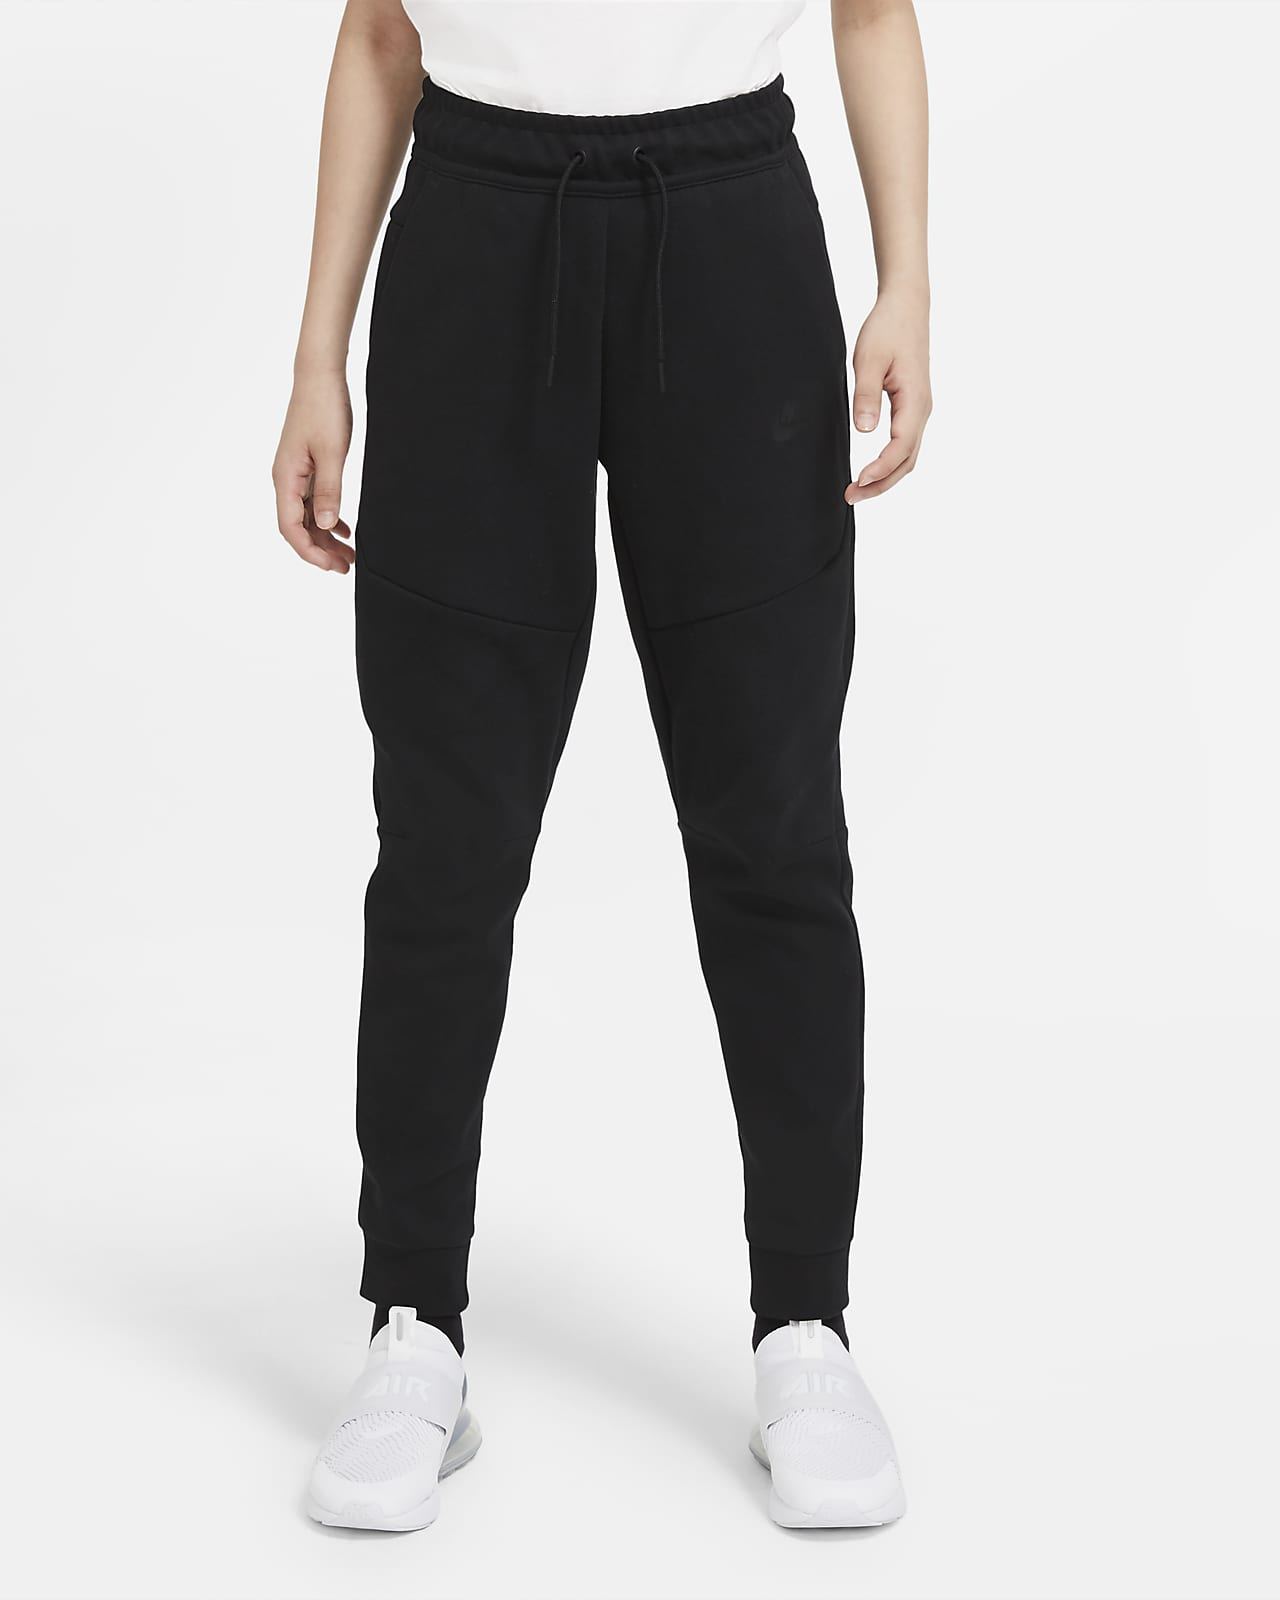 Nike Sportswear Tech Fleece Older Kids Boys Trousers Nike Id